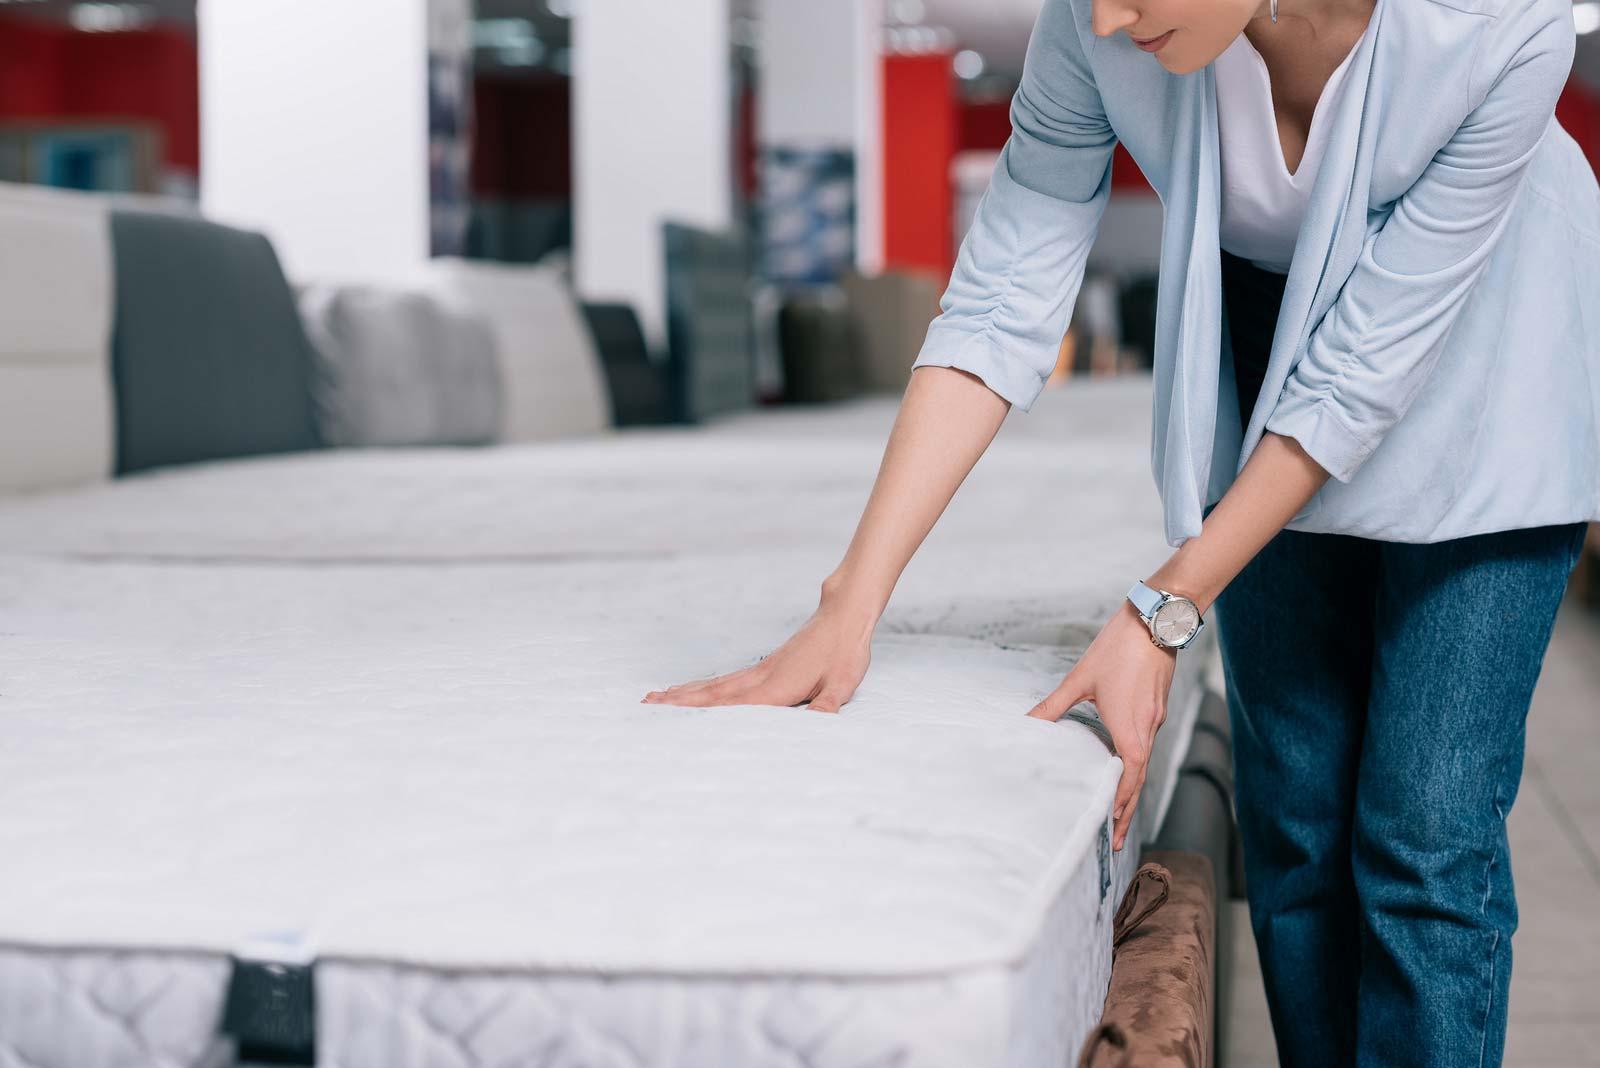 Une femme prépare un matelas pour l'entreposage